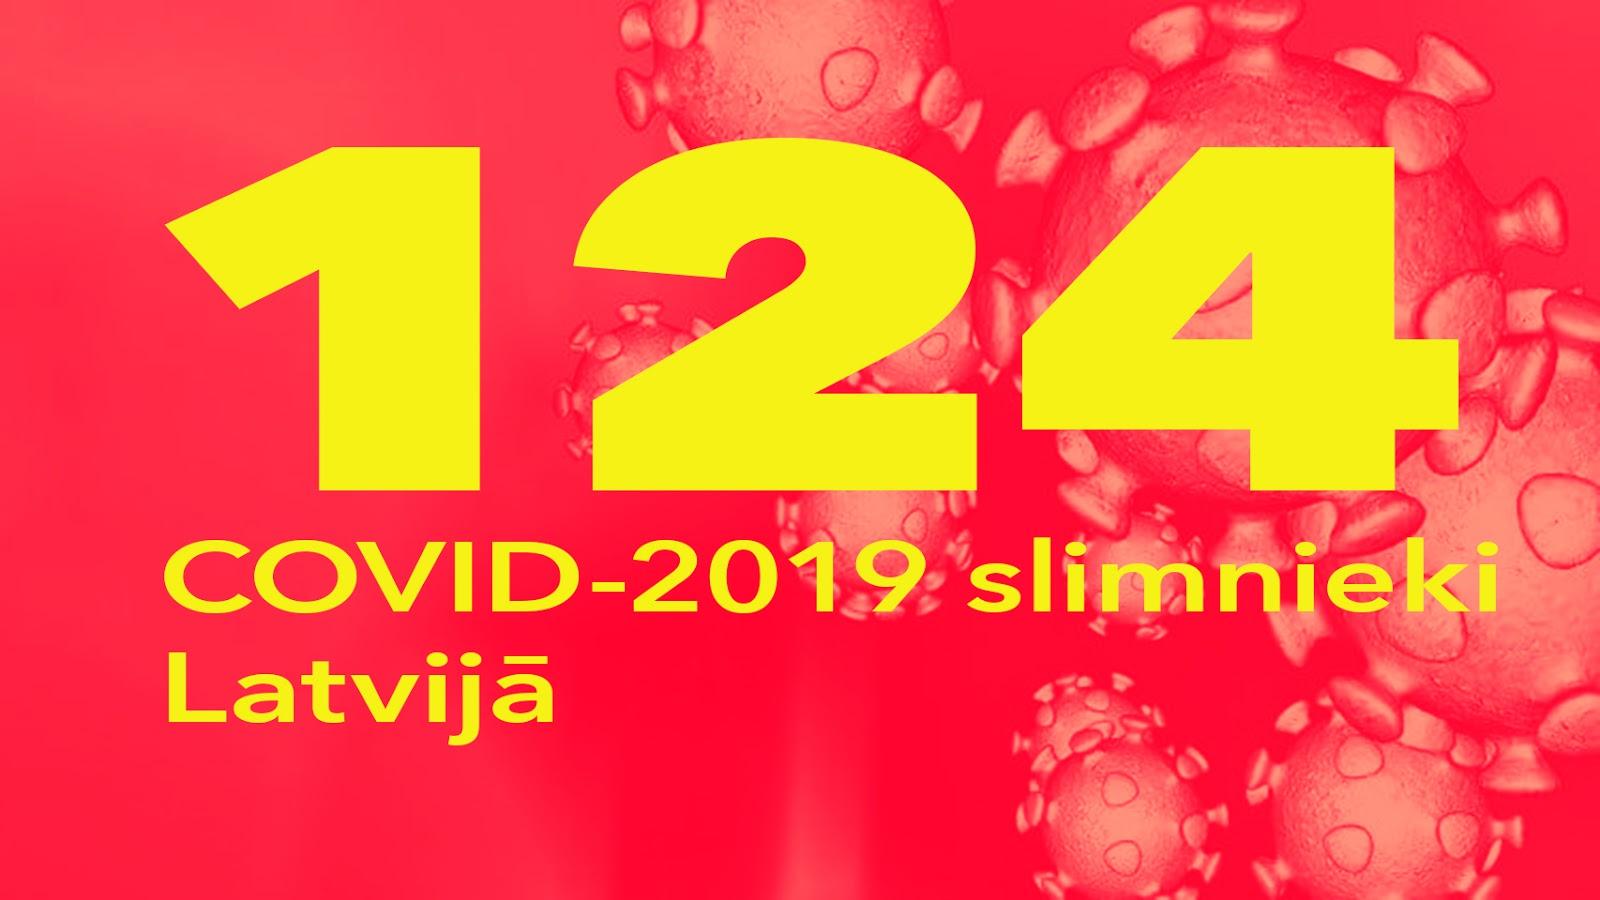 Koronavīrusa saslimušo skaits Latvijā 21.03.2020.